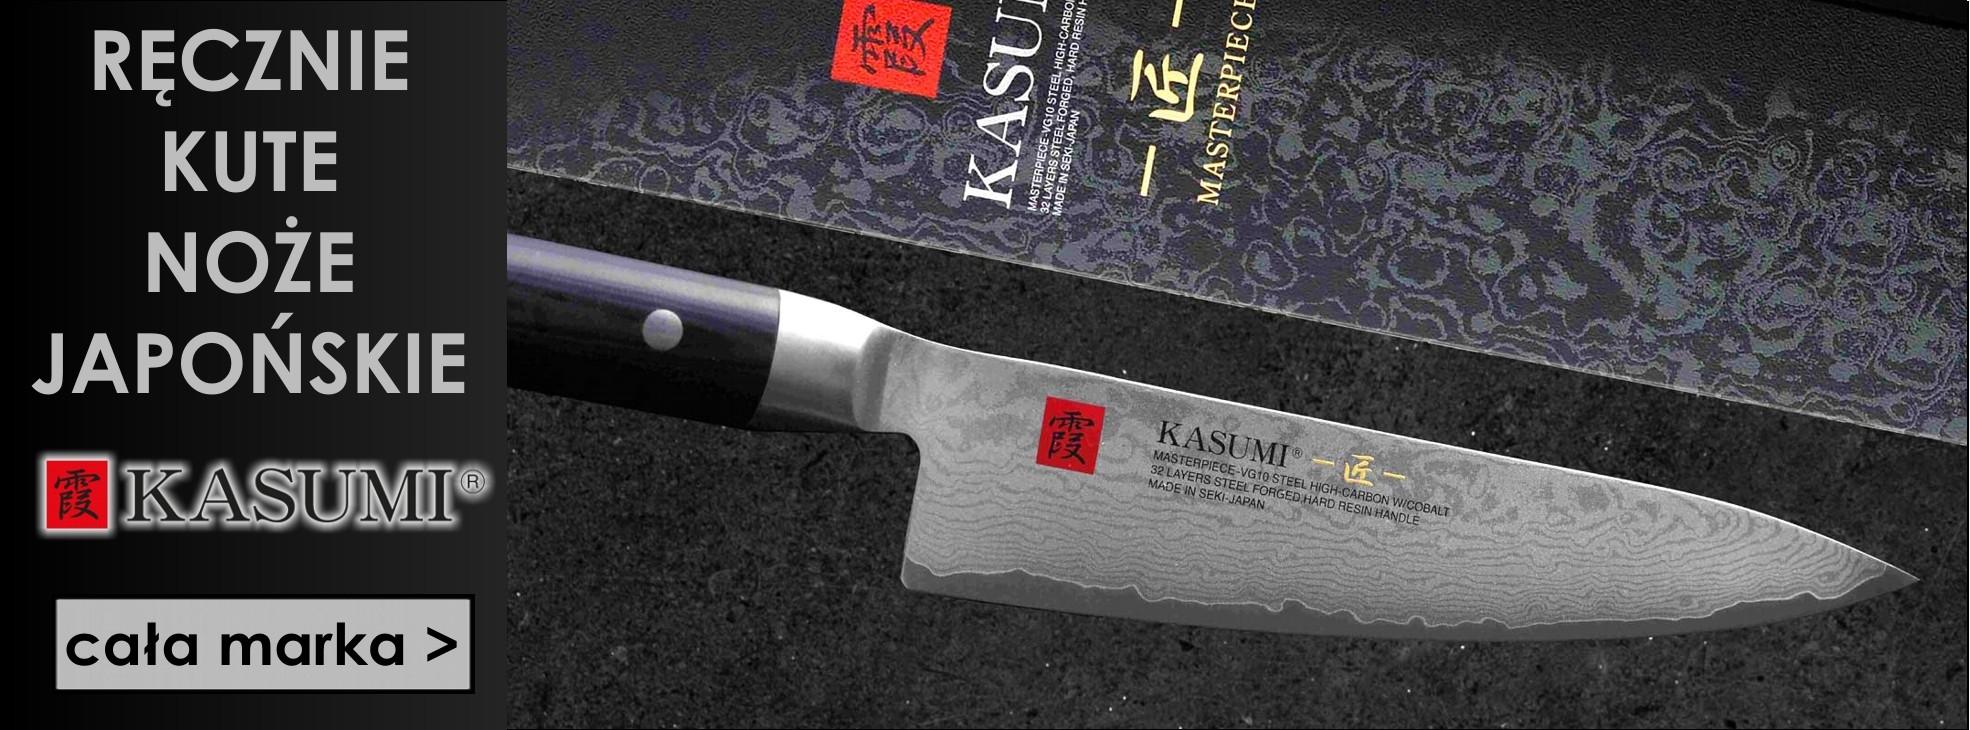 Ręcznie kute noże japońskie marki KASUMI